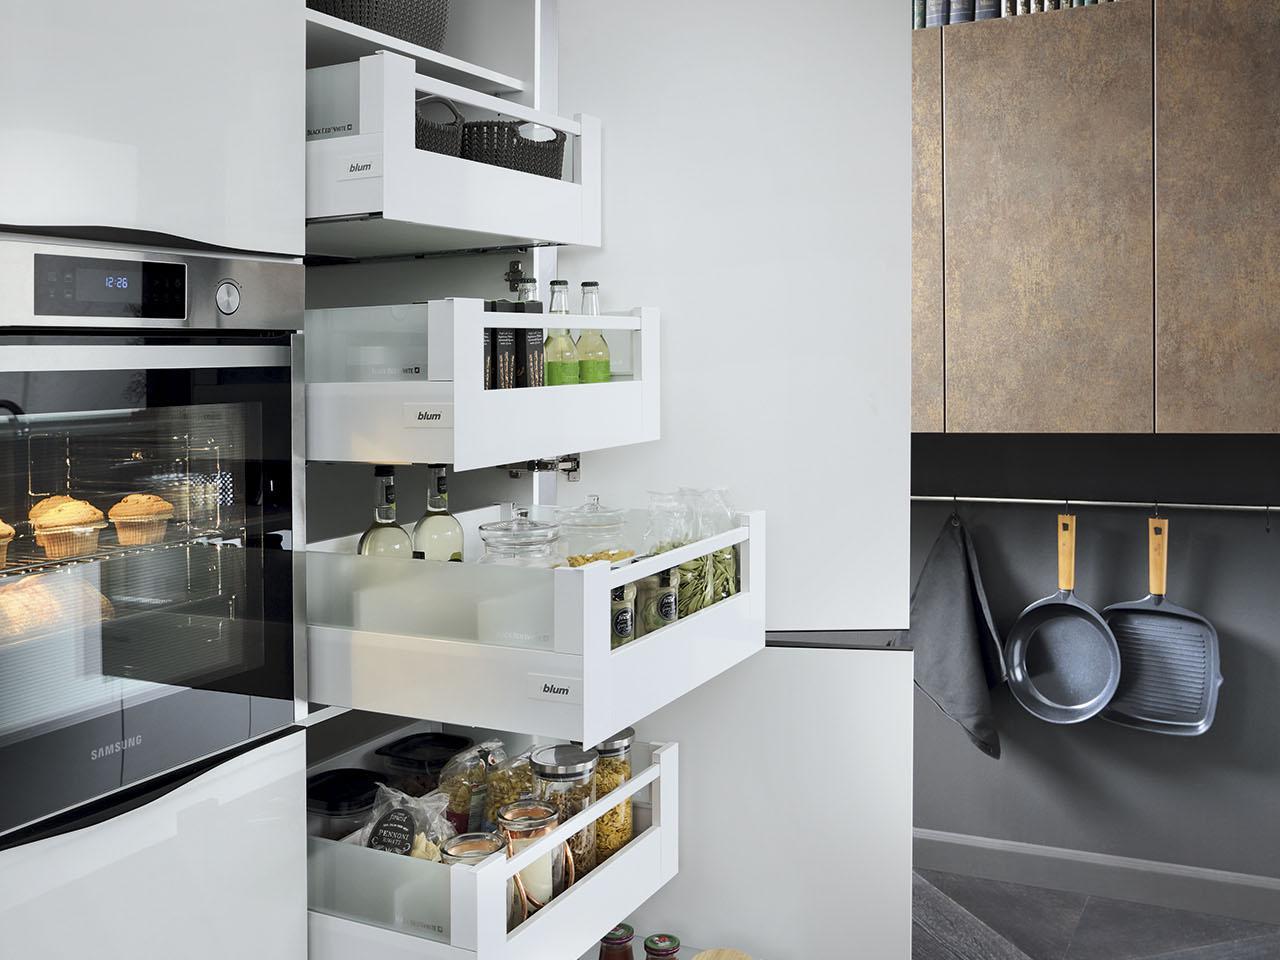 Jak Zorganizowac Kuchnie Poznaj 5 Stref Funkcjonalnych I Wazne Zasady Ich Urzadzania Urzadzamy Pl